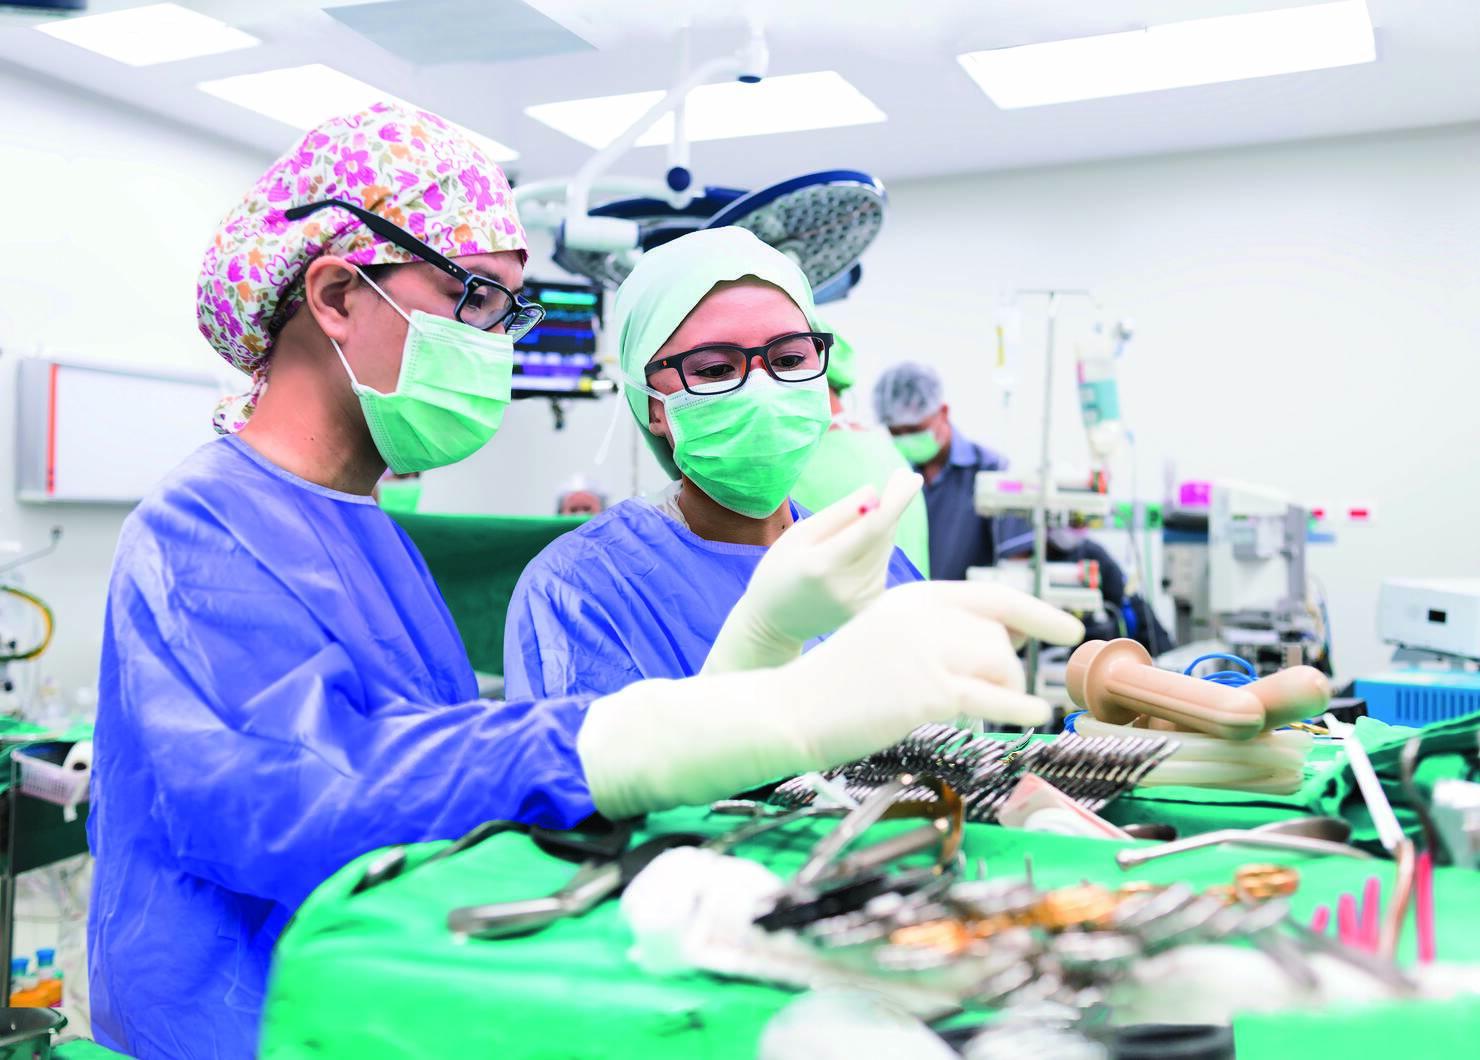 Stöpler propose des solutions haut de gamme pour les salles d'opération